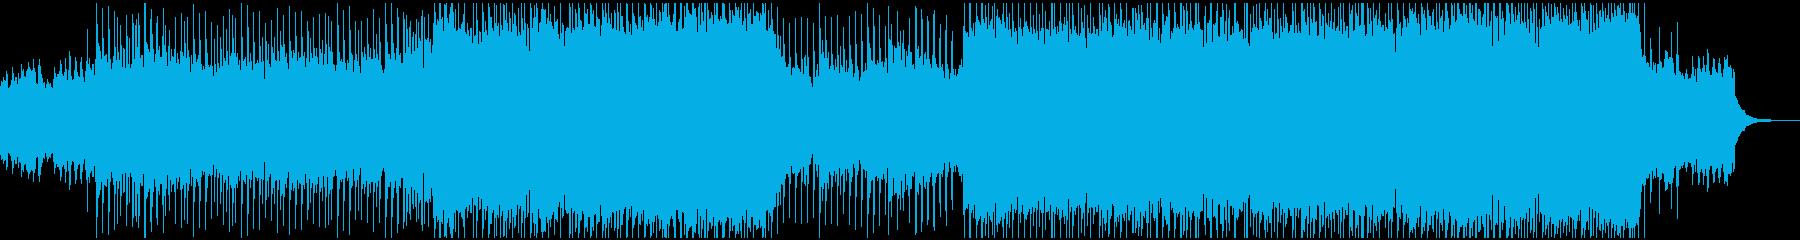 ポップ テクノ ロック モダン 代...の再生済みの波形